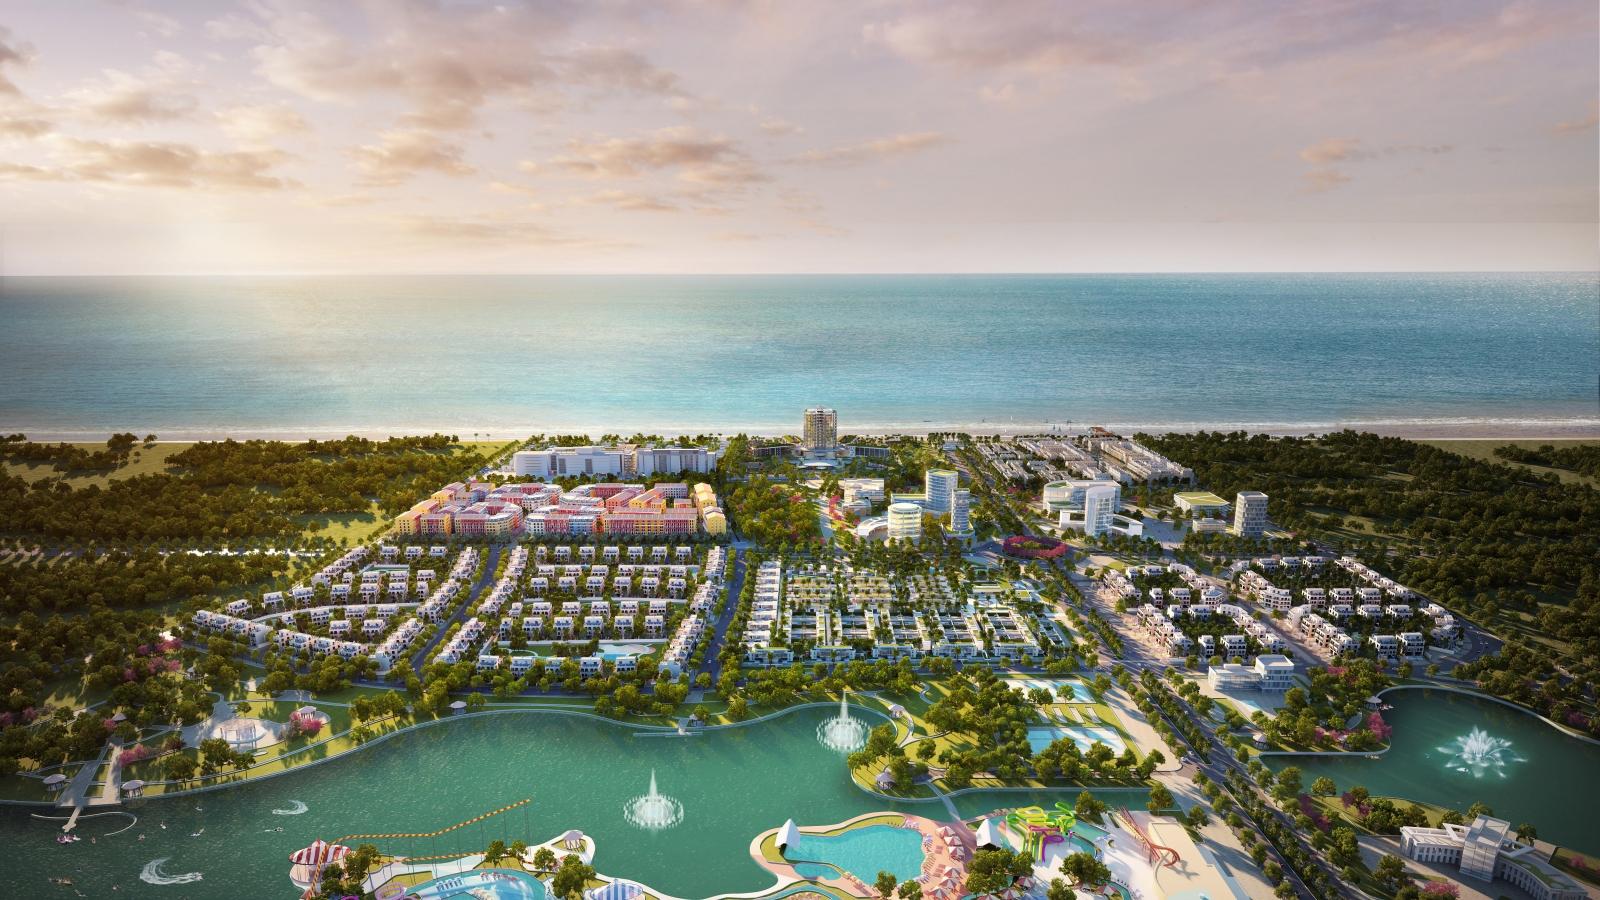 Gần 400.000 tỷ đồng rót vào hạ tầng du lịch, giải trí ở Phú Quốc